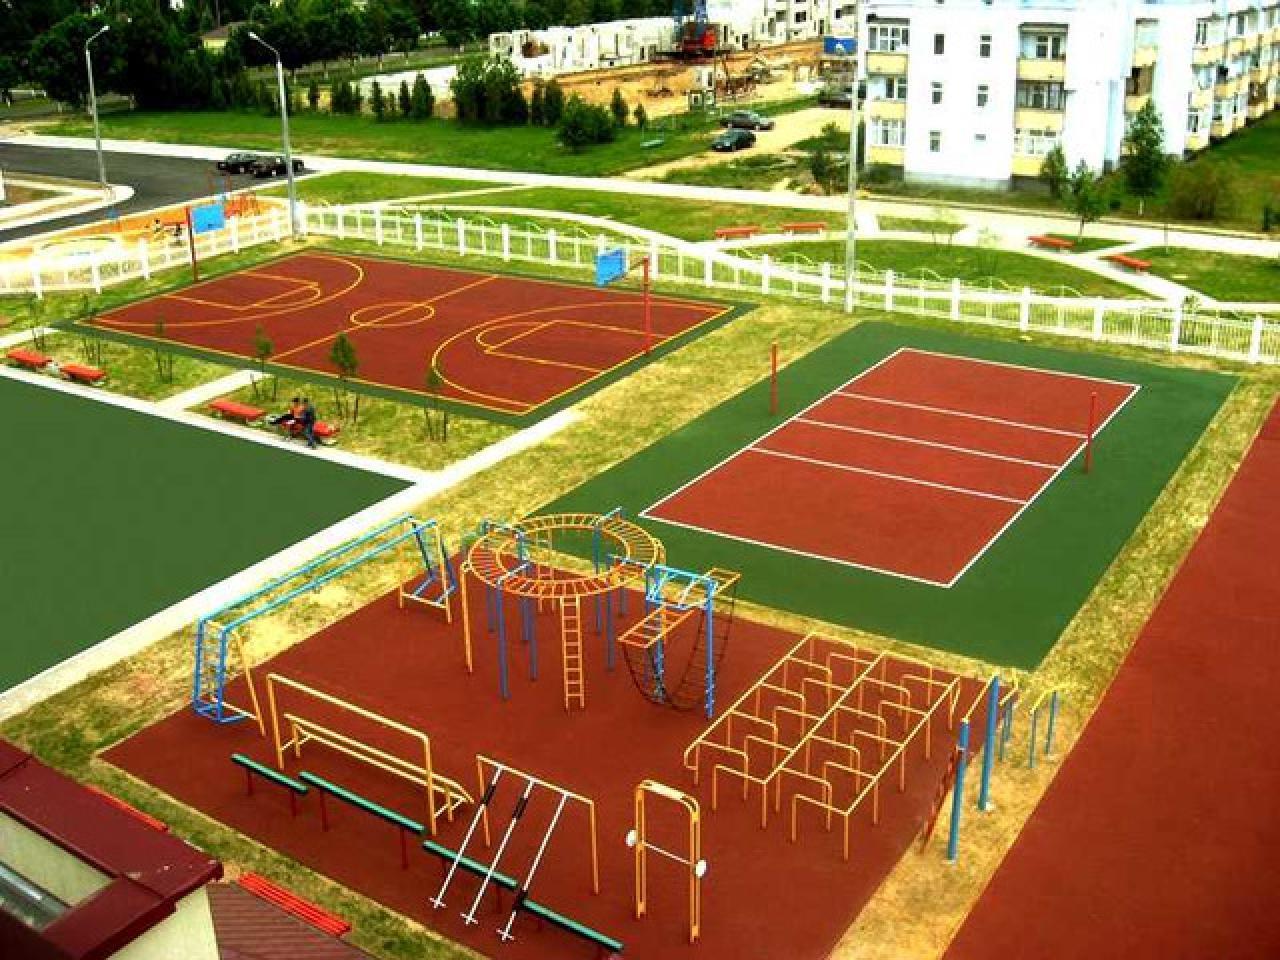 Теннисный корт по доступной цене и в минимальные сроки. Строительство. - 1